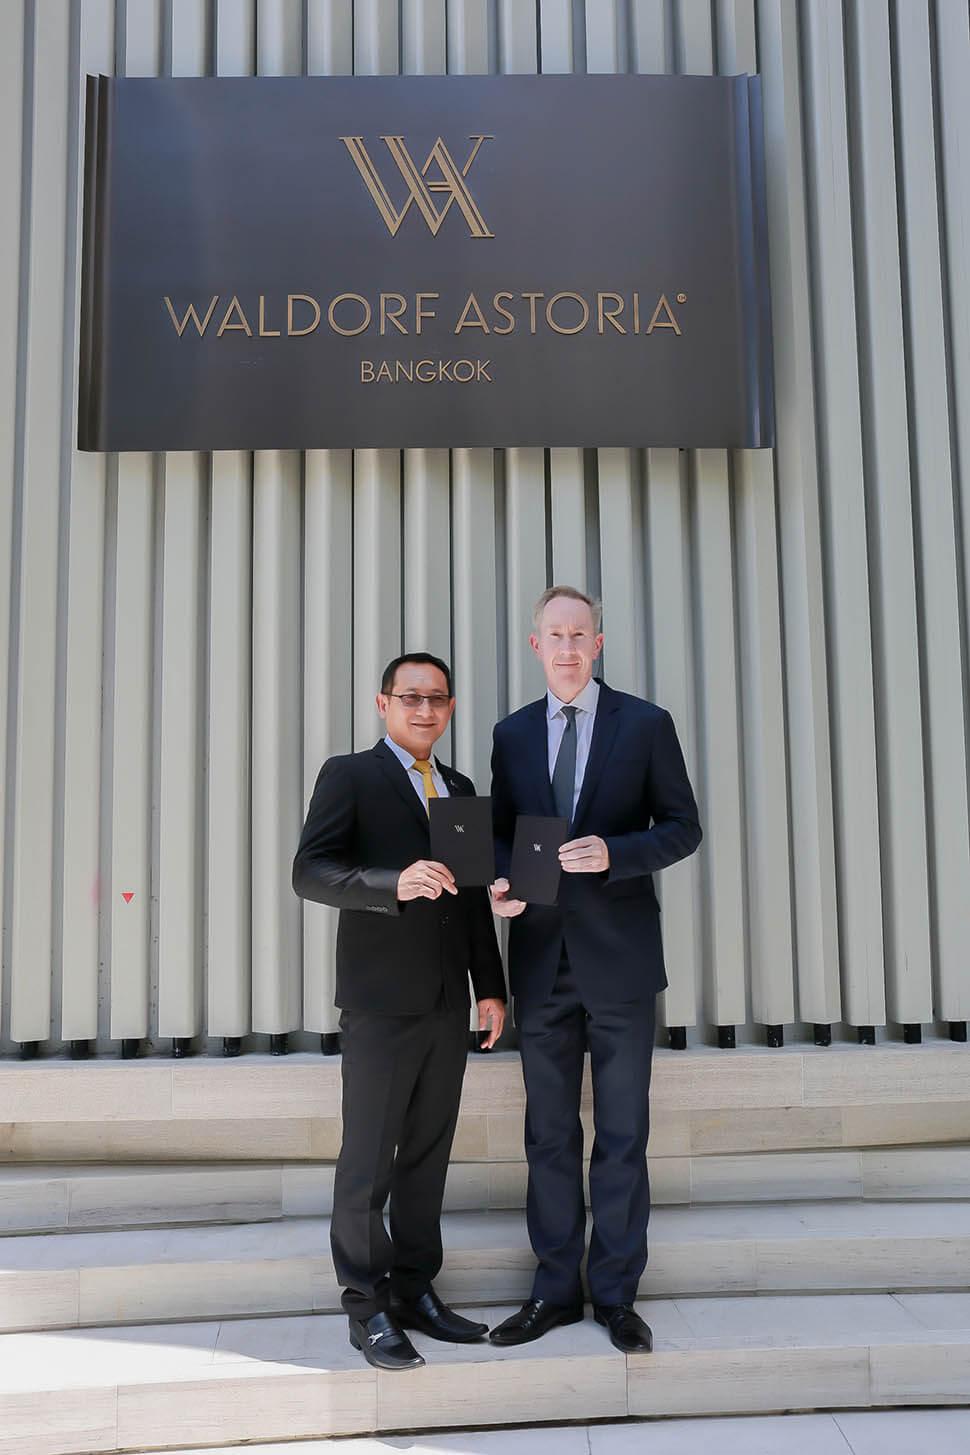 แมกโนเลียส์ ราชดำริ บูเลอวาร์ด พร้อมเปิดตัวโรงแรมวอลดอร์ฟ แอสโทเรีย กรุงเทพ สร้างมูลค่าของการพักอาศัยระดับโลก